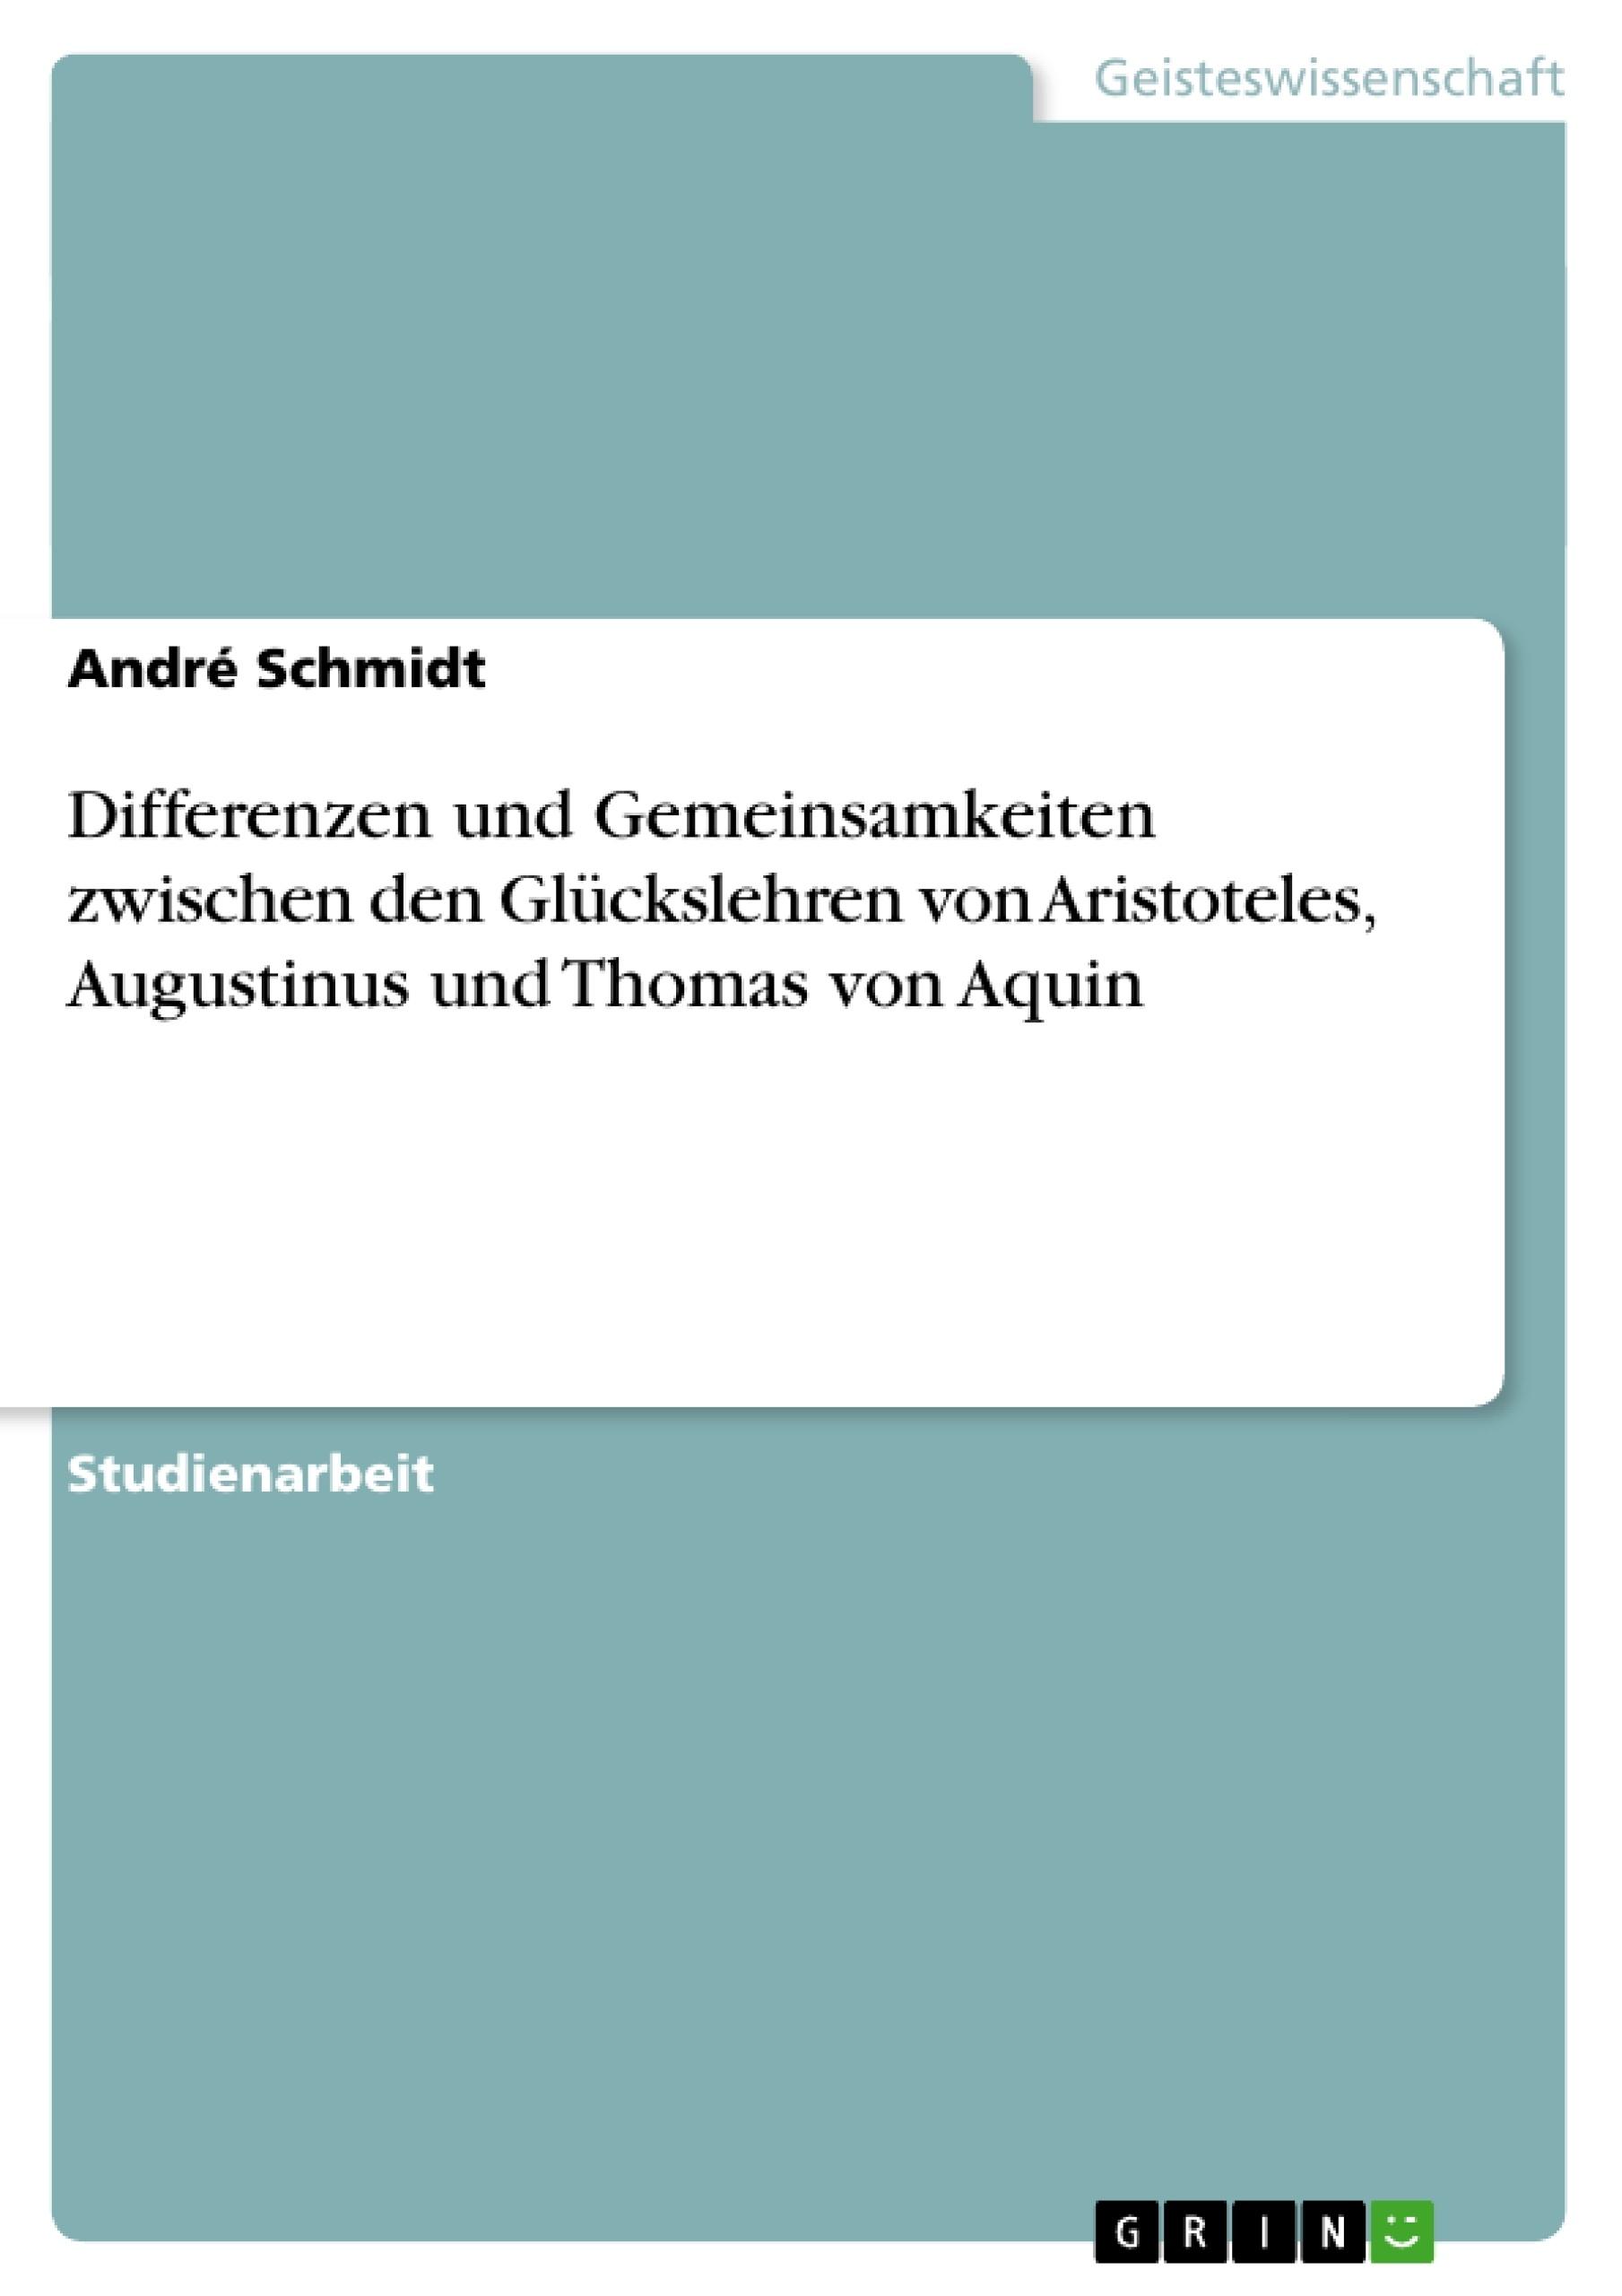 Titel: Differenzen und Gemeinsamkeiten zwischen den Glückslehren von Aristoteles, Augustinus und Thomas von Aquin